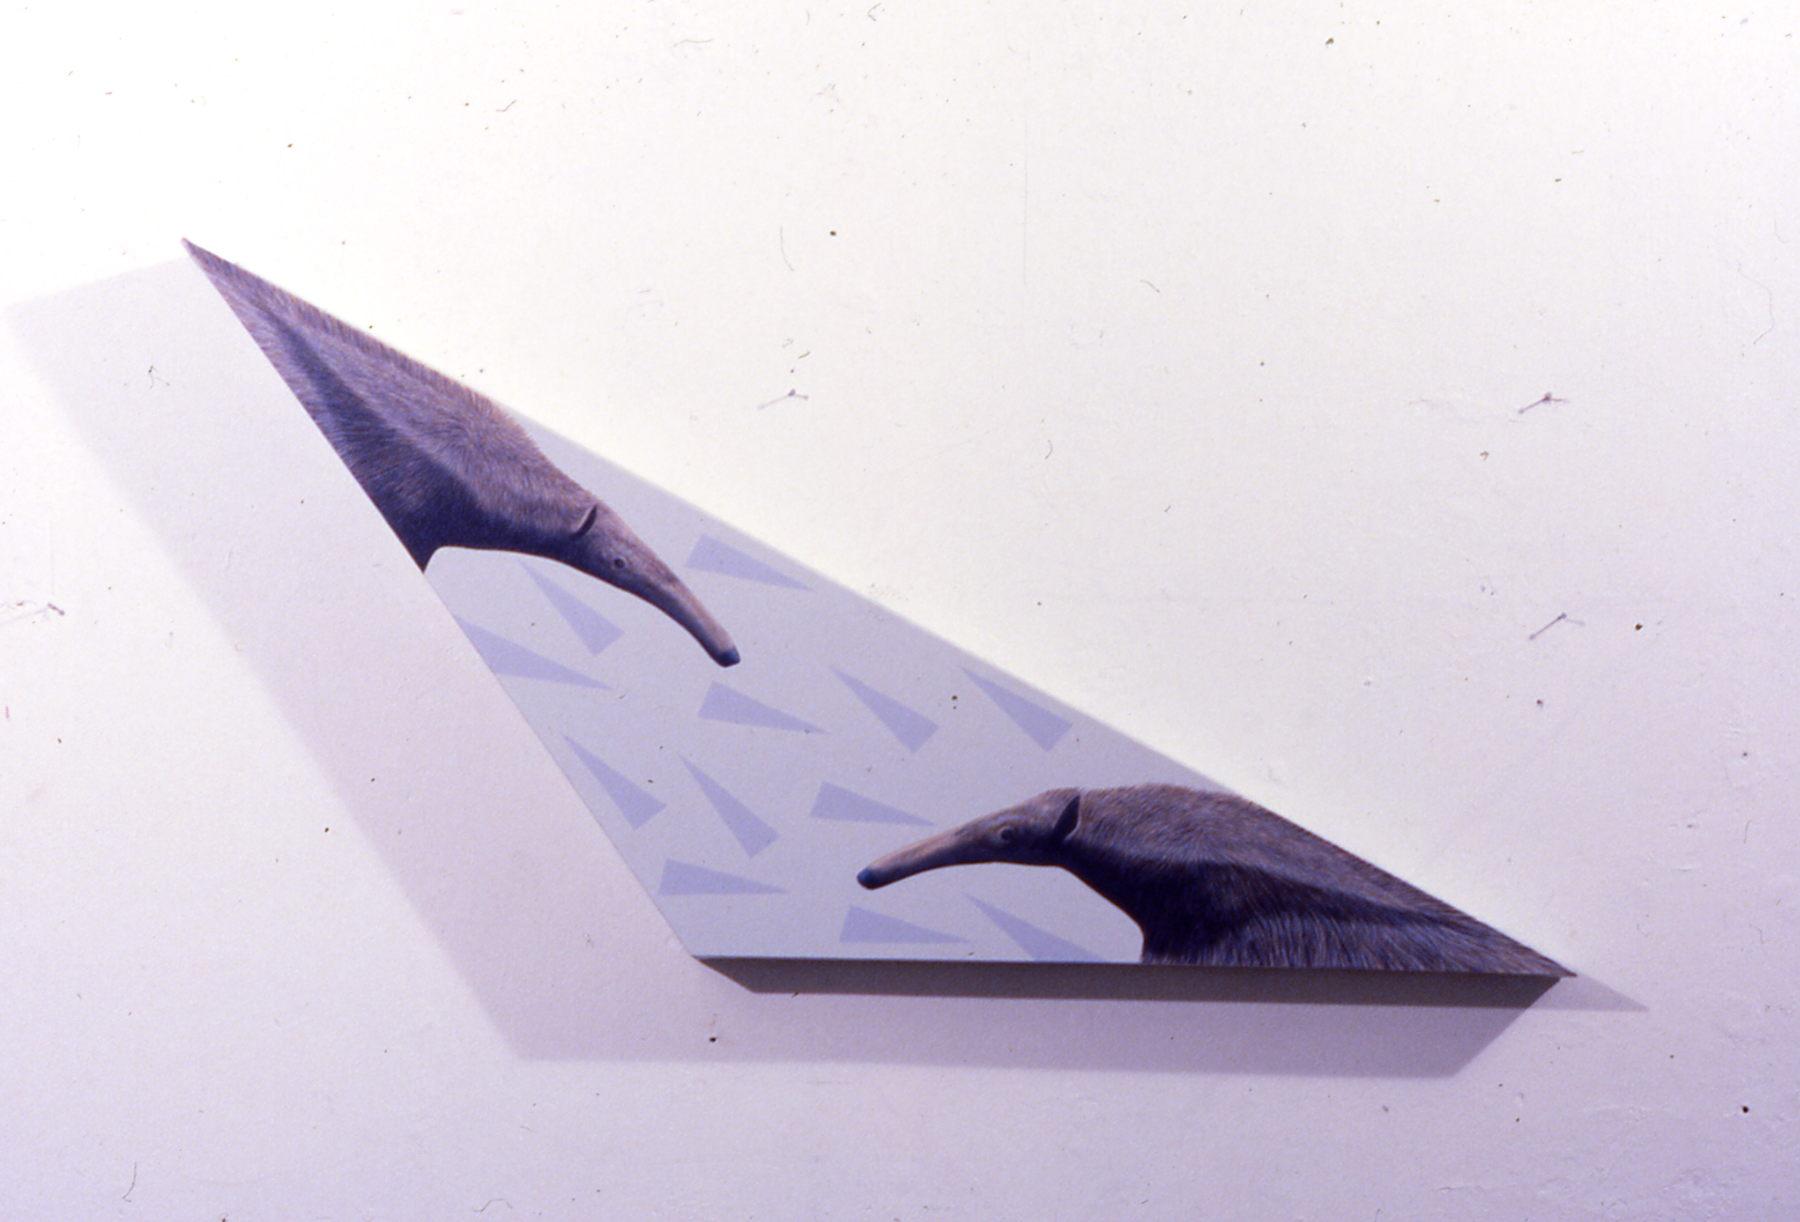 Flying anteater 1.jpg